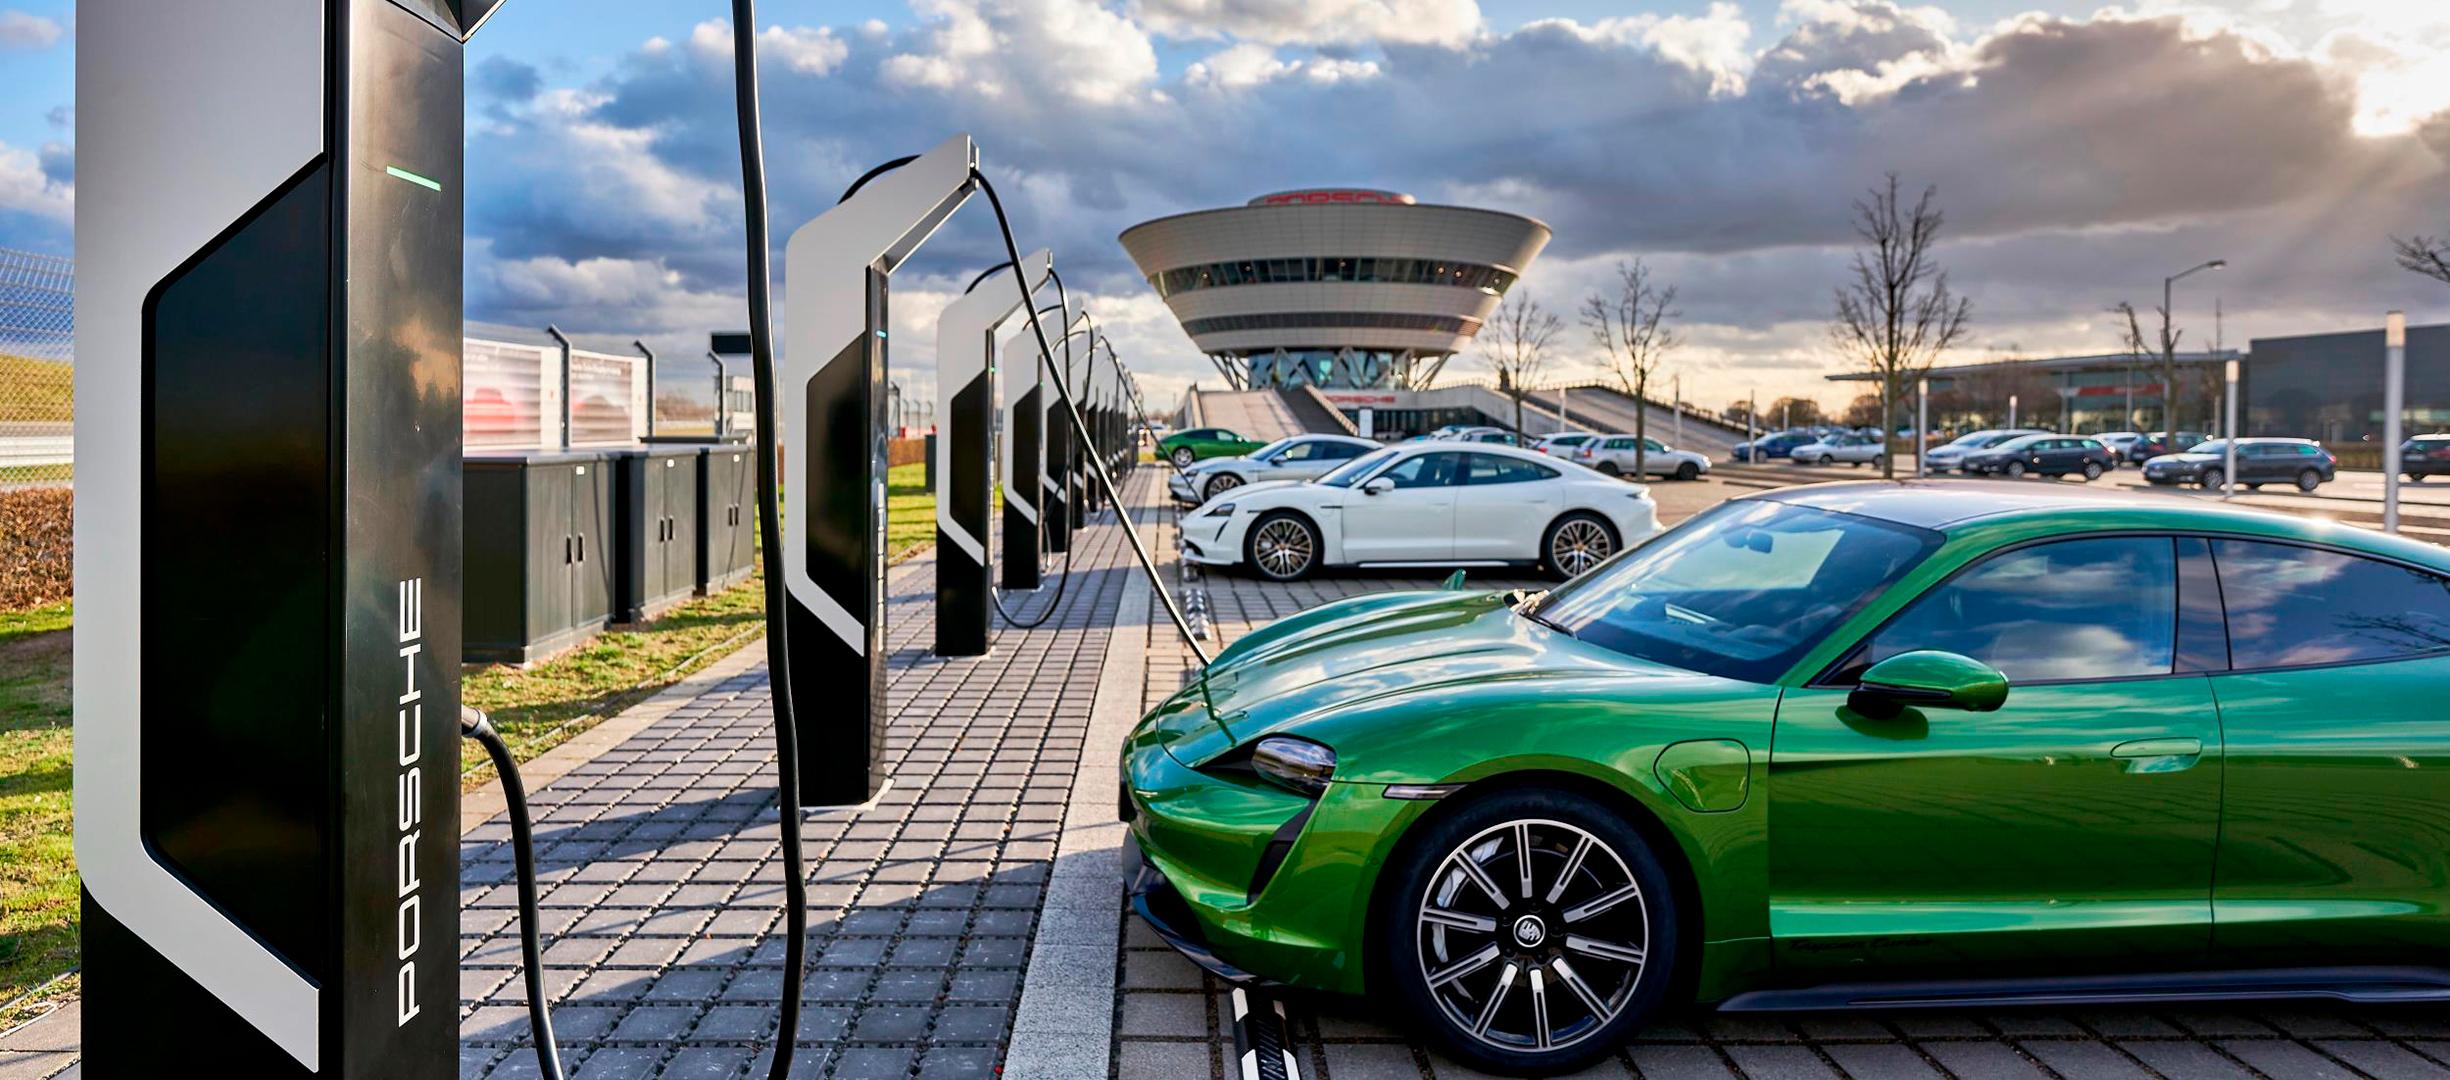 Nueva estación Porsche Turbo Charging, la más potente de Europa